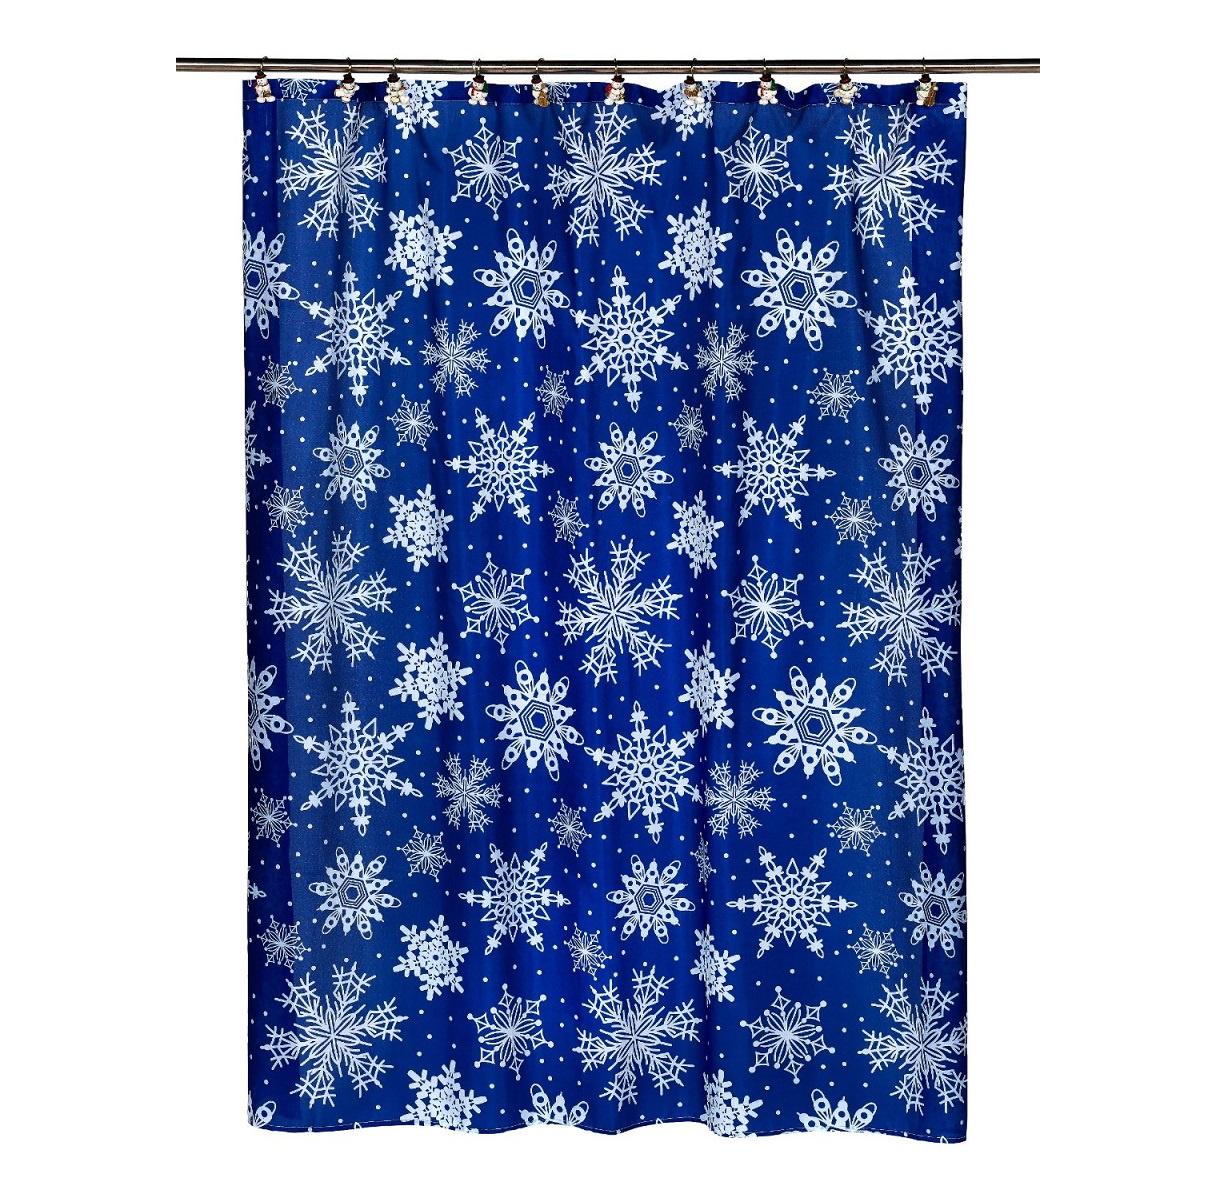 Штора для ванной Carnation Home Fashions Snow Flake, FSC-SNO, темно-синий, голубой